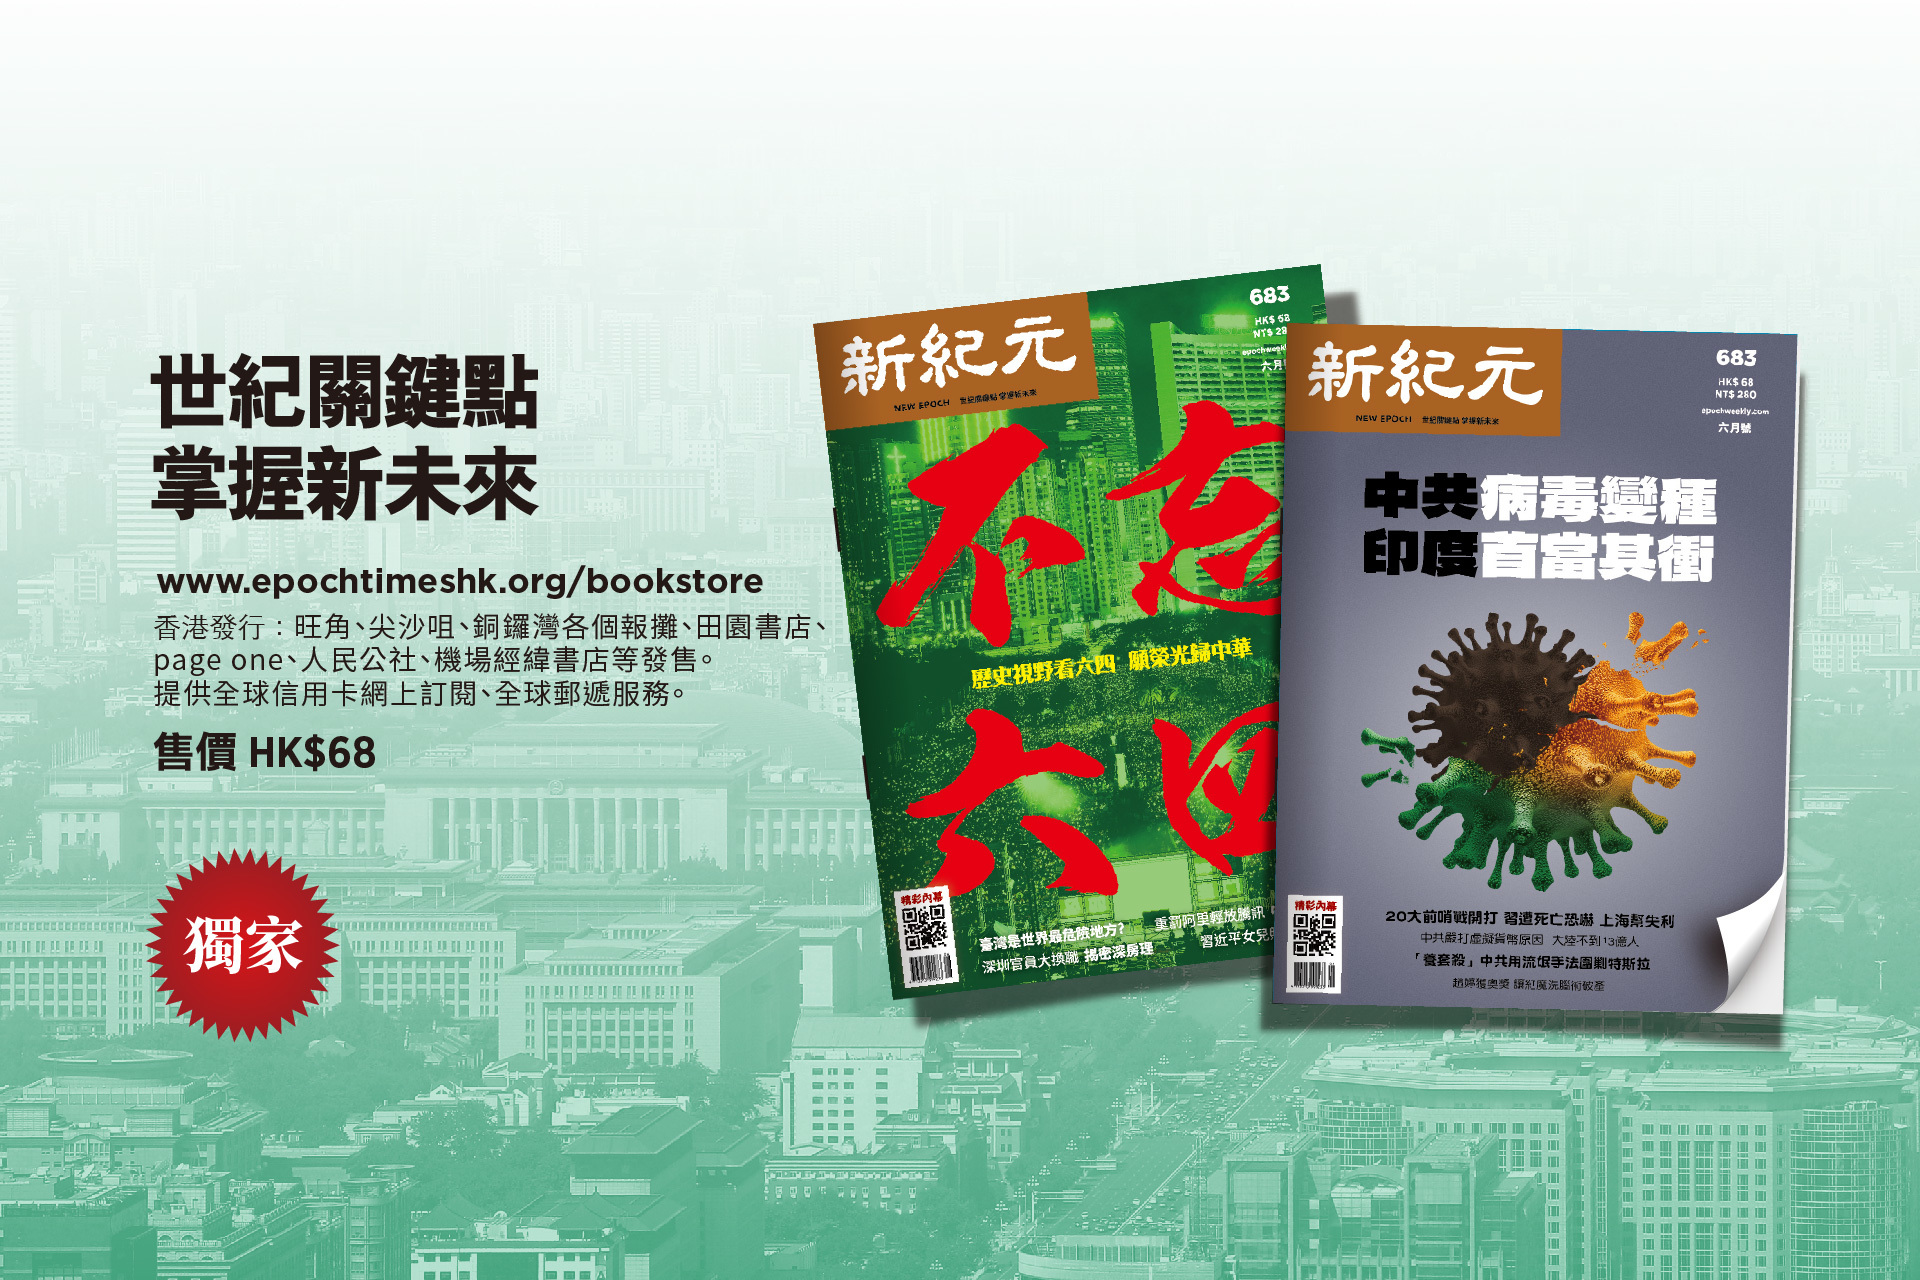 【新品介紹】六月號雜誌:《不忘六四:歷史看六四 願榮光歸中華》